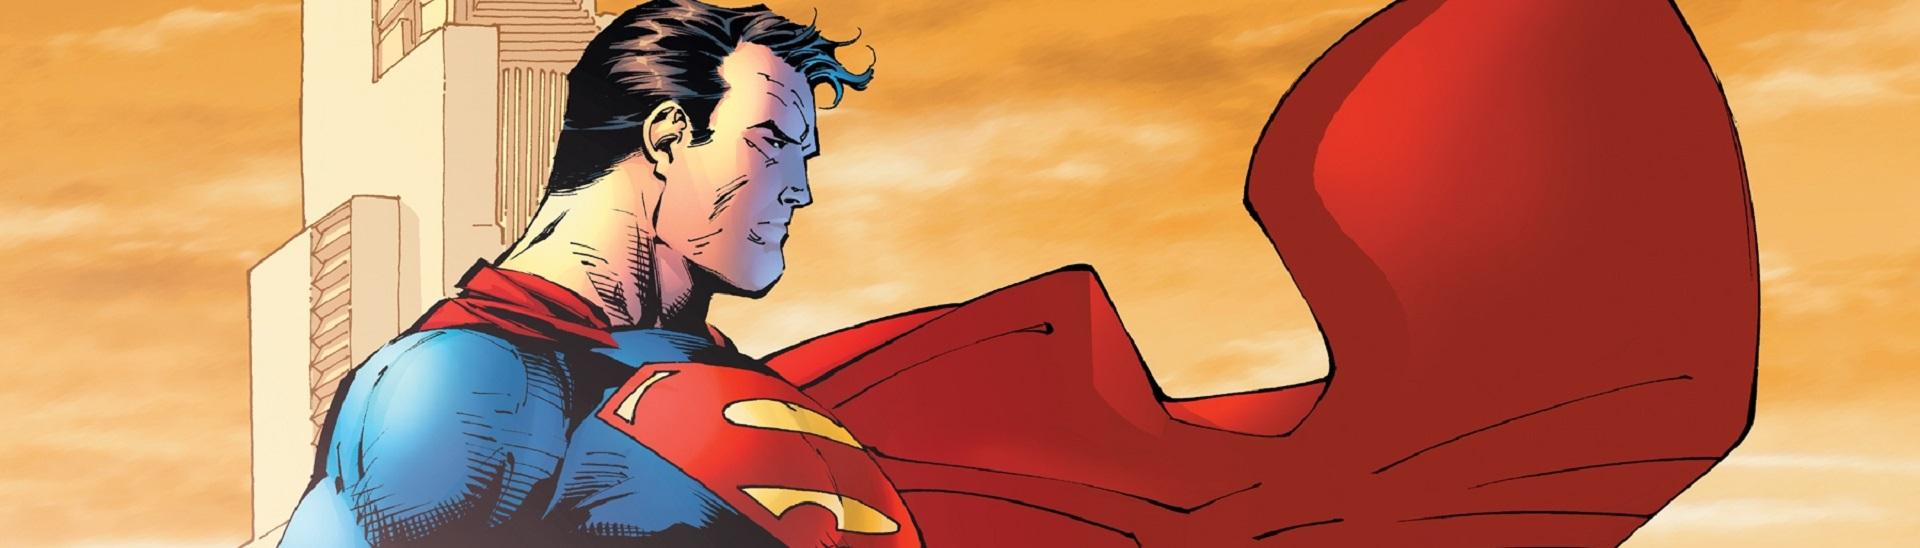 on sale this week superman 80